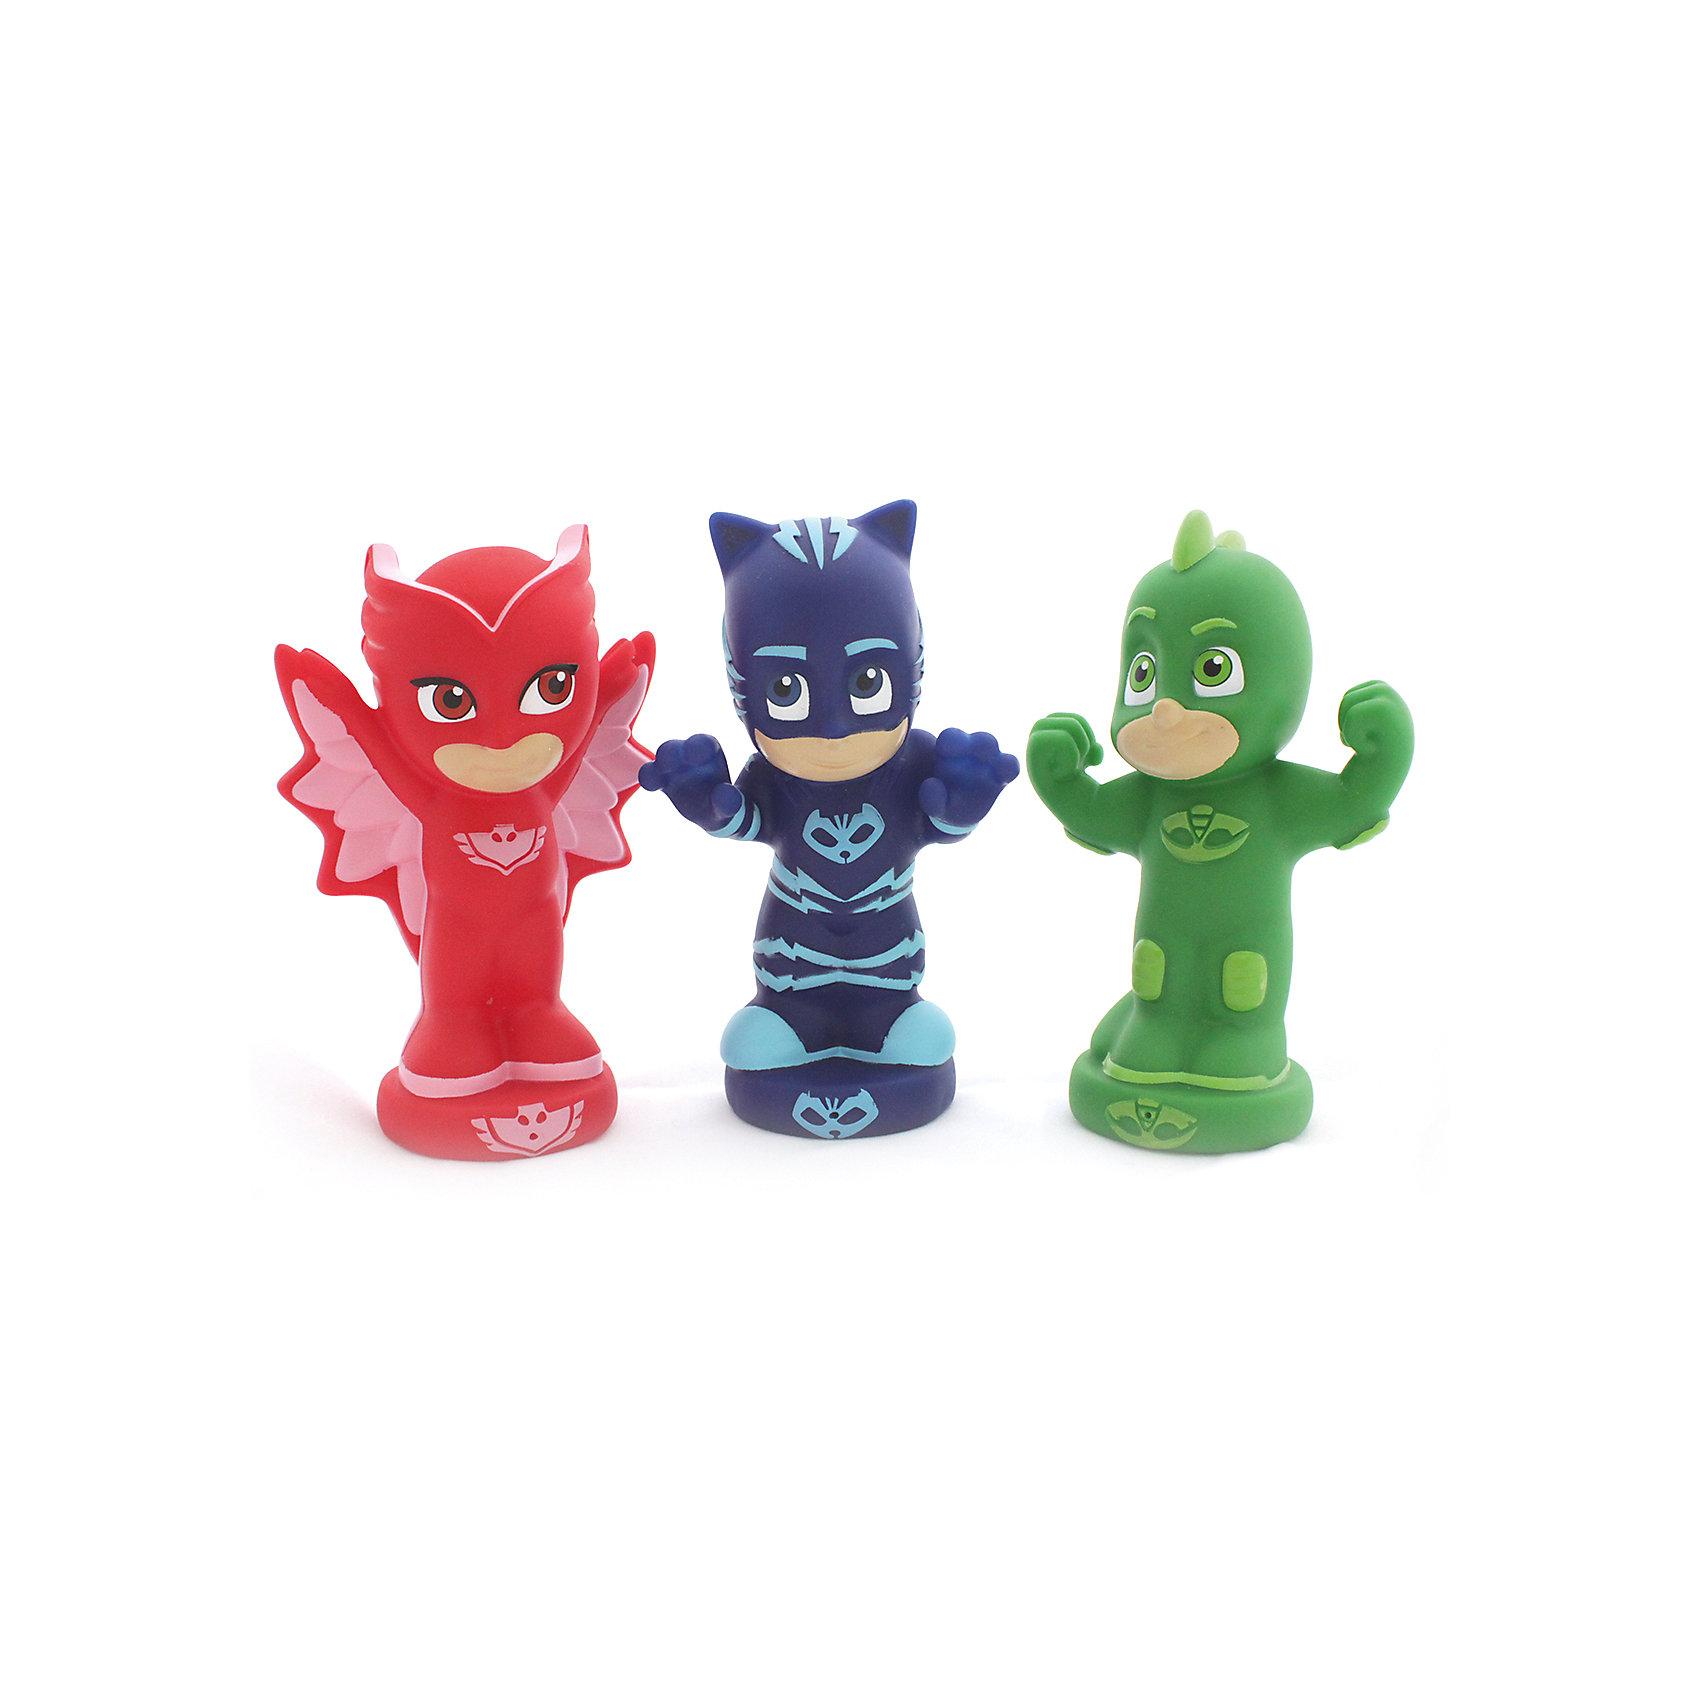 Игровой набор для ванной Герои в масках, 3 фигурки, 13 см.Игрушки для ванной<br>Крутые персонажи мультфильма Герои в масках, забавно брызгающиеся водой, превратят купание вашего ребенка в увлекательное приключение и помогут развивать ему воображение, речь, цветовое и тактильное восприятие. И, конечно, подарят малышу удовольствие от веселой игры с любимыми героями.&#13;<br>В игровом наборе для ванной Герои в масках 3 фигурки высотой 13 см: Алетт, Кэтбой, Гекко. Игрушки выполнены из высококачественного пластизоля. Товар сертифицирован. Упаковка - блистер.<br><br>Ширина мм: 252<br>Глубина мм: 175<br>Высота мм: 65<br>Вес г: 293<br>Возраст от месяцев: 36<br>Возраст до месяцев: 2147483647<br>Пол: Унисекс<br>Возраст: Детский<br>SKU: 5577973